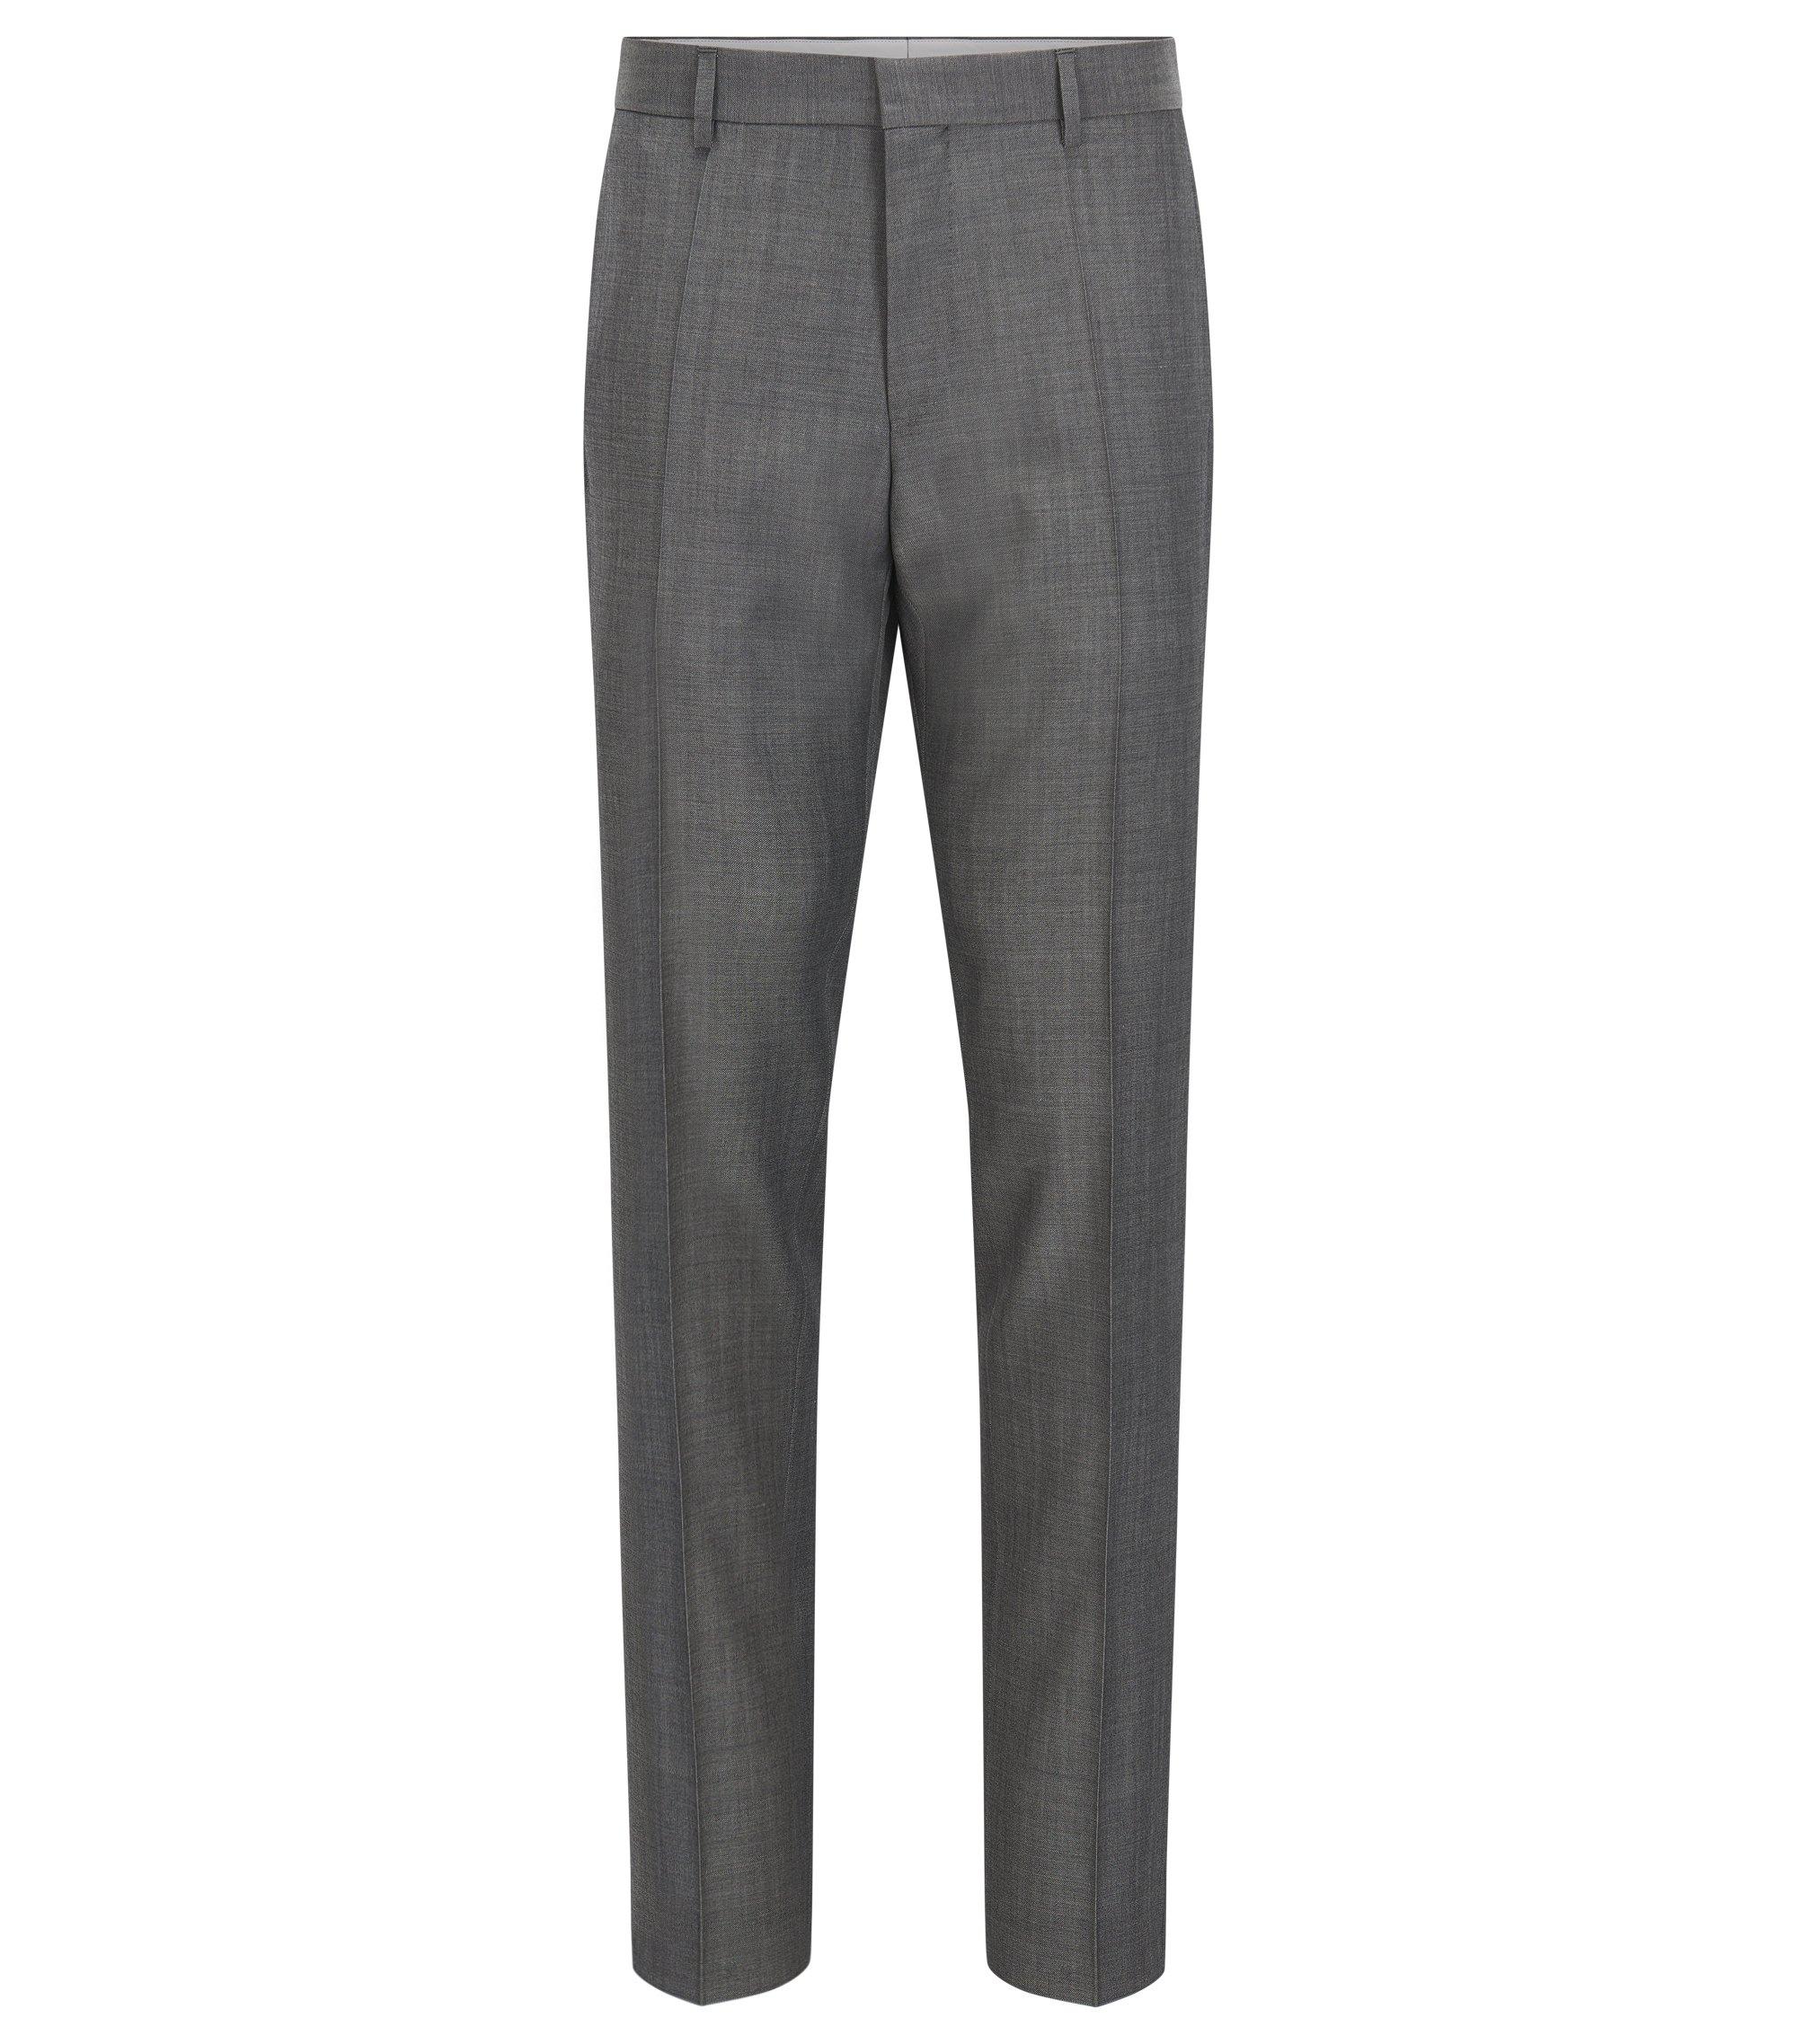 Crosshatch Virgin Wool Dress Pants, Slim Fit | Genesis, Grey